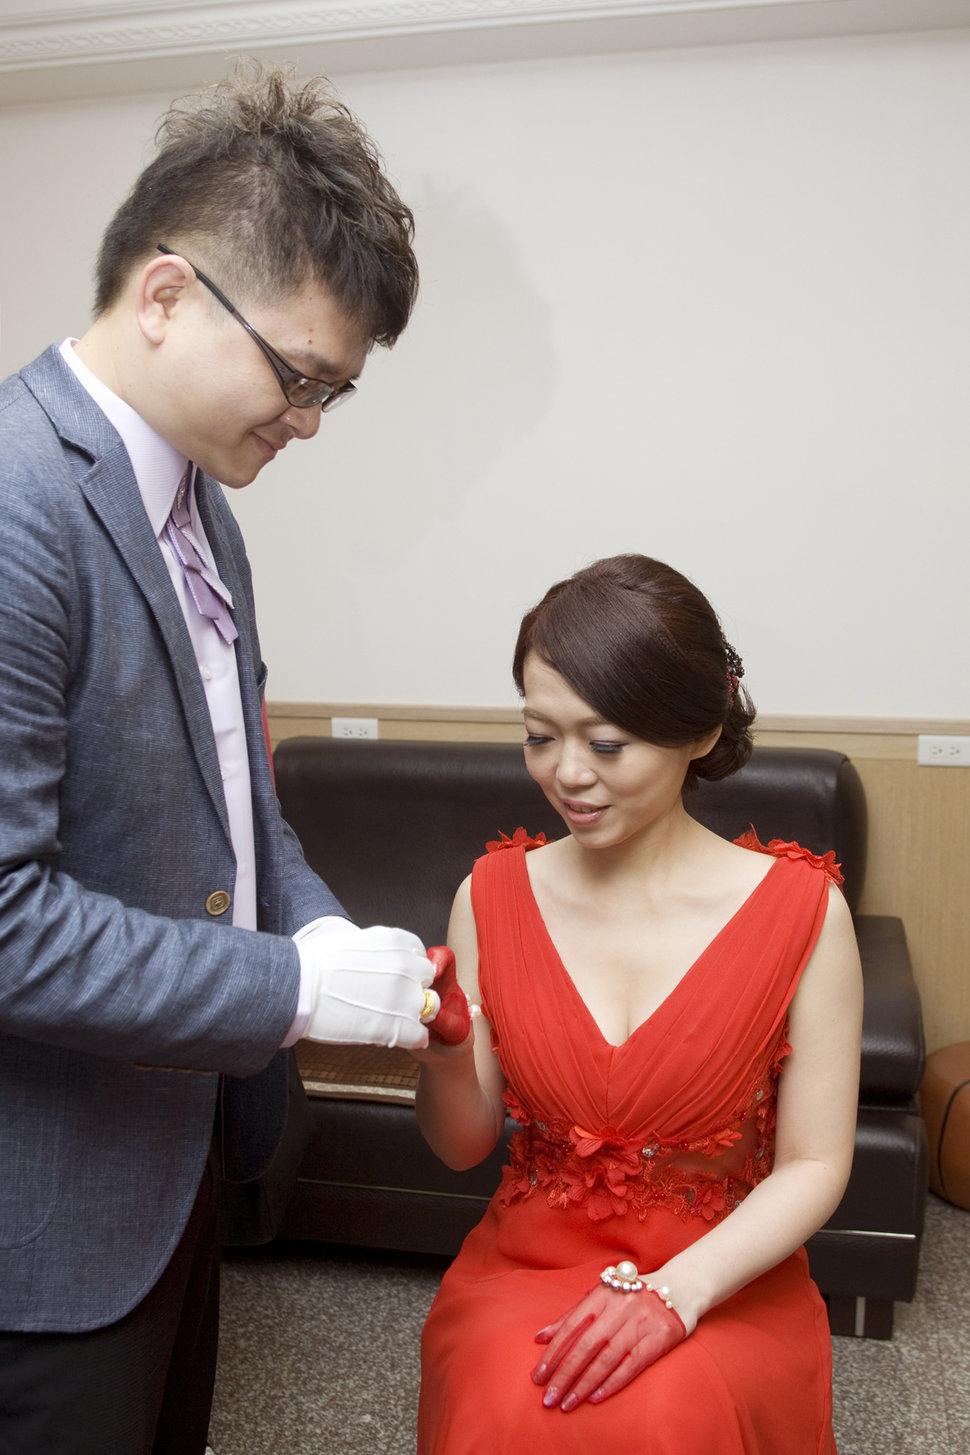 蓓麗宛婚禮時尚(編號:499427) - 蓓麗宛婚禮時尚《結婚吧》